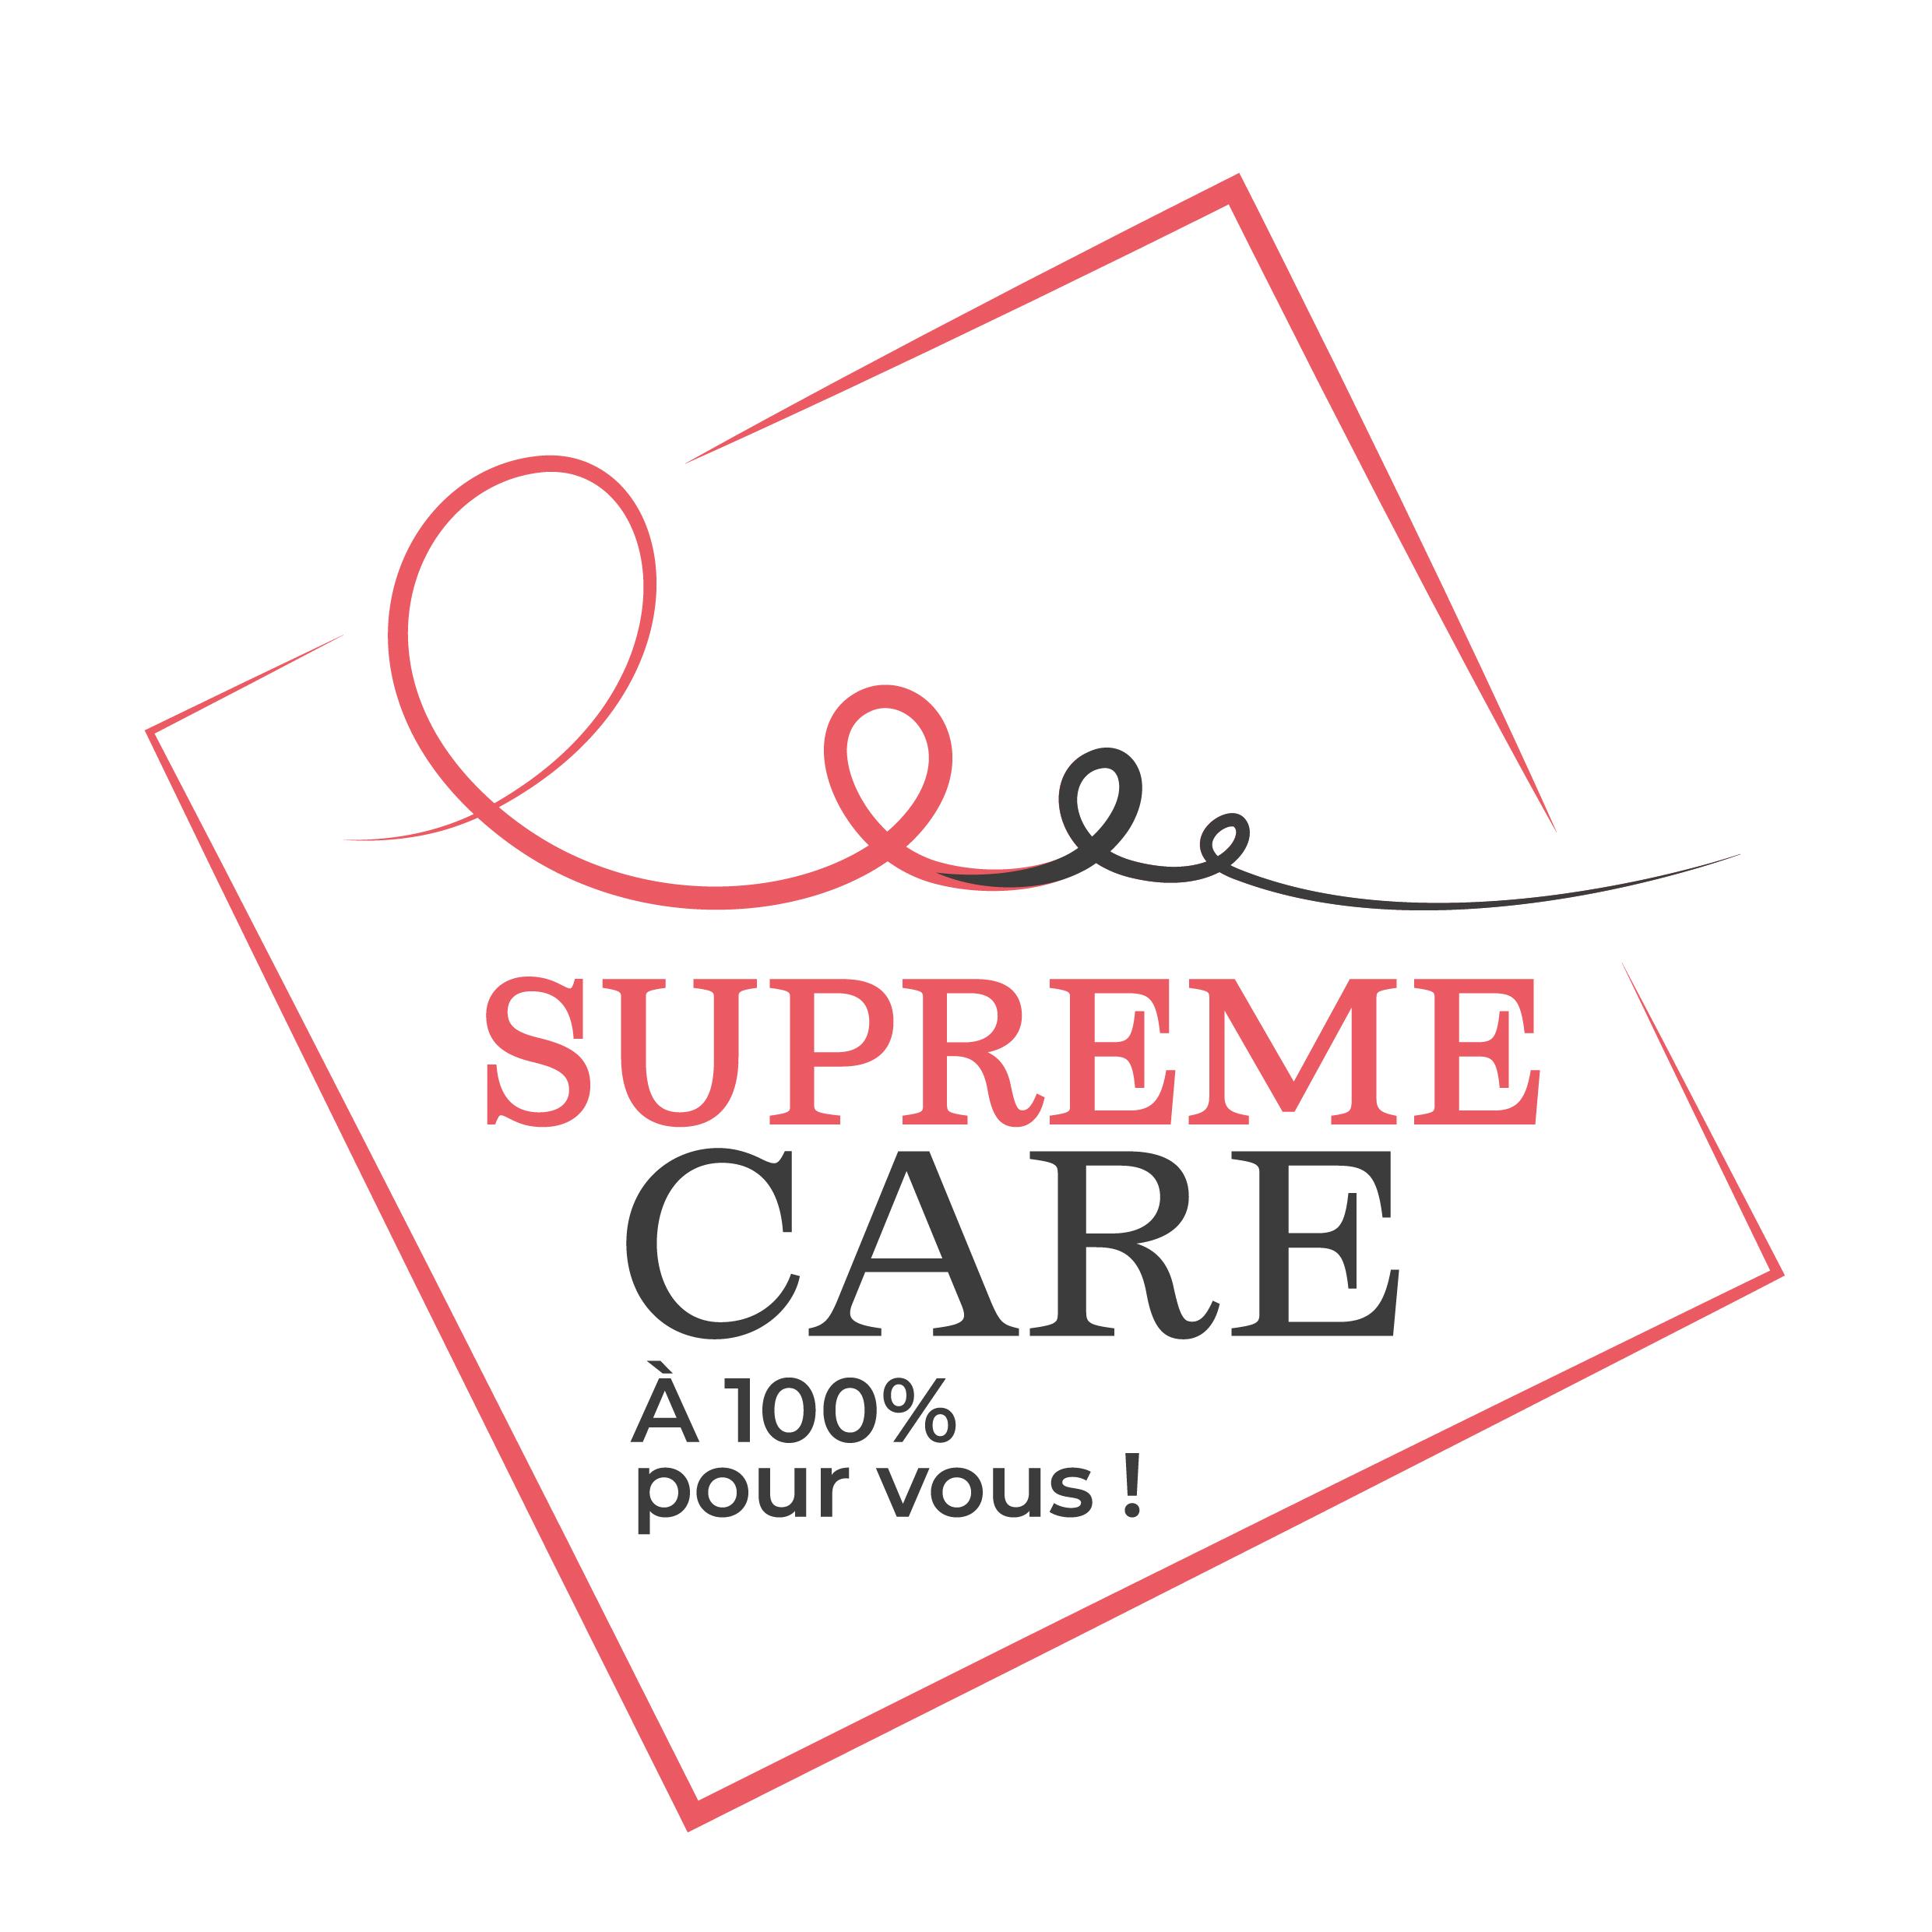 SupremeCare